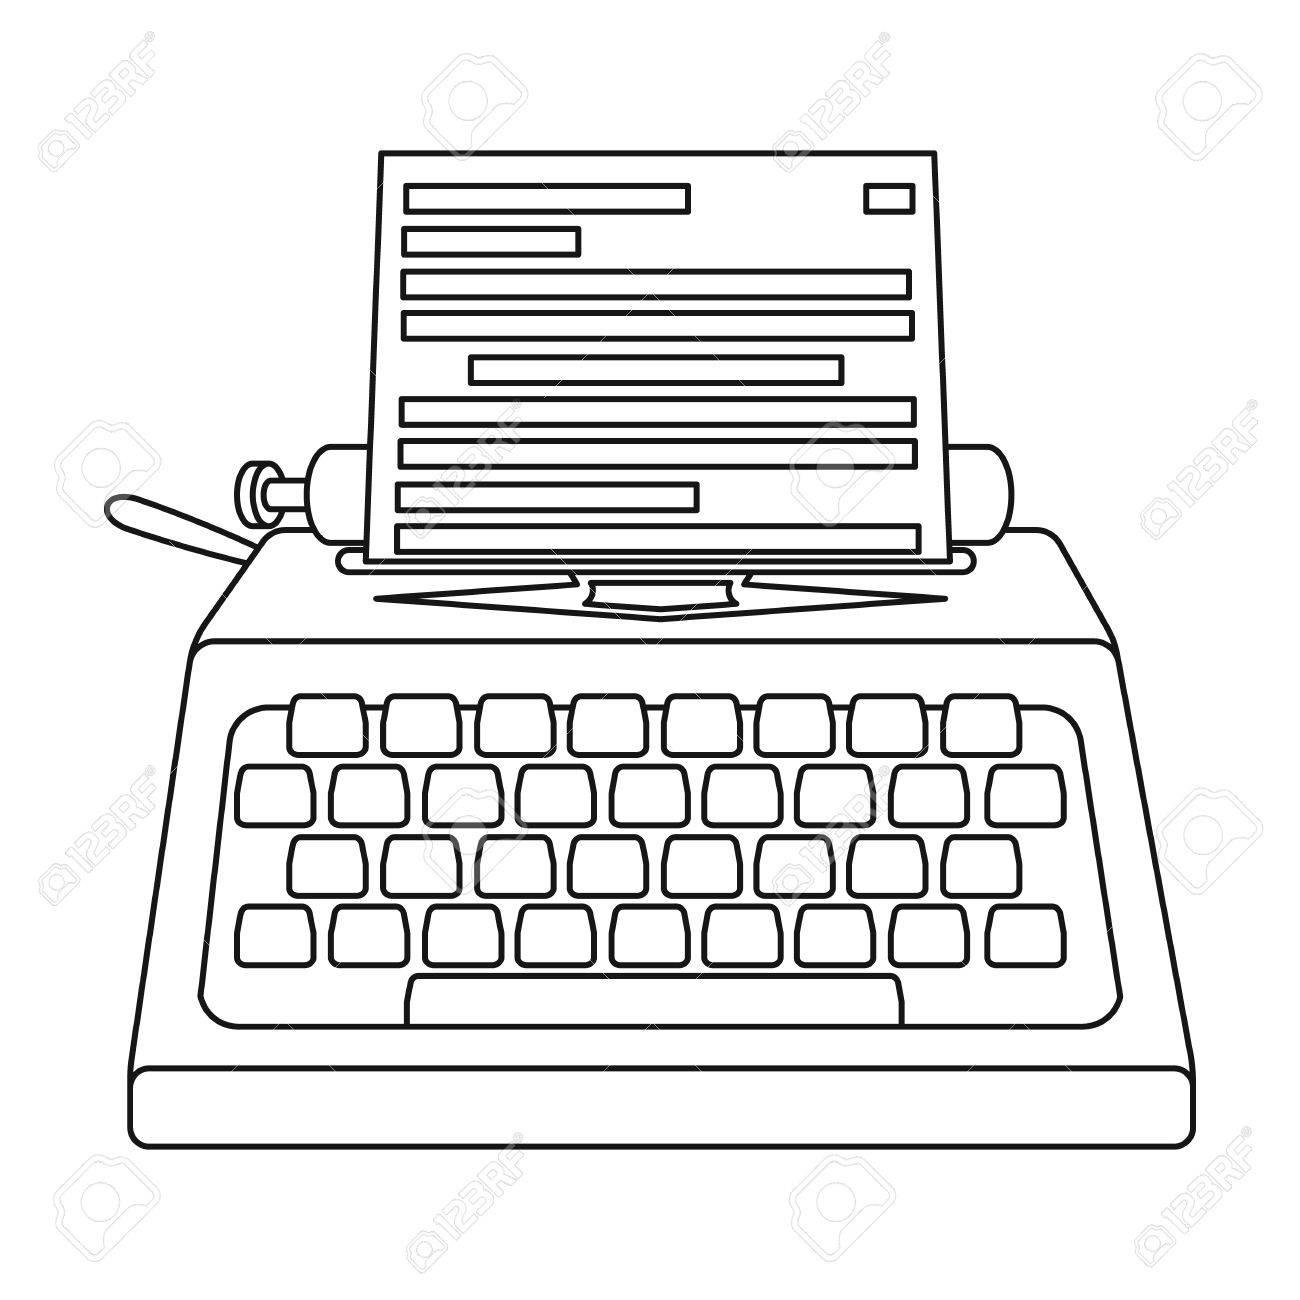 Icono De La Máquina De Escribir En El Estilo De Contorno Aislado En ...